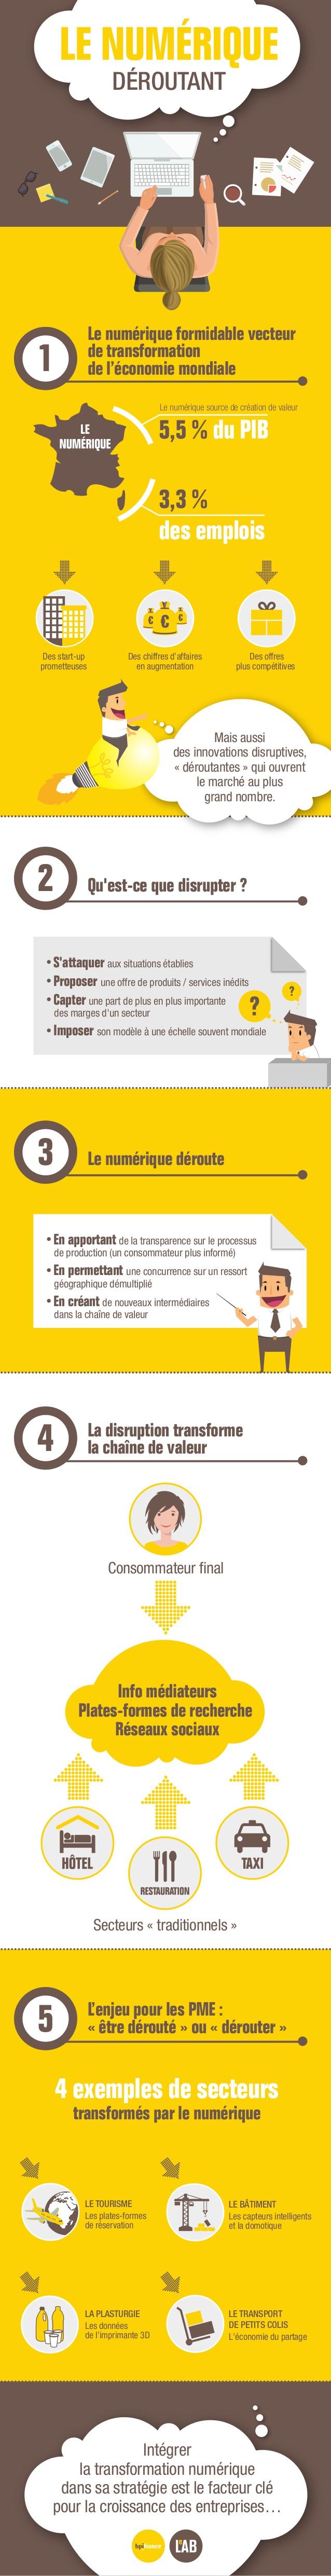 infographie-bpifrance-le-lab-le-numrique-droutant-limpact-du-digital-sur-les-pme-1-638